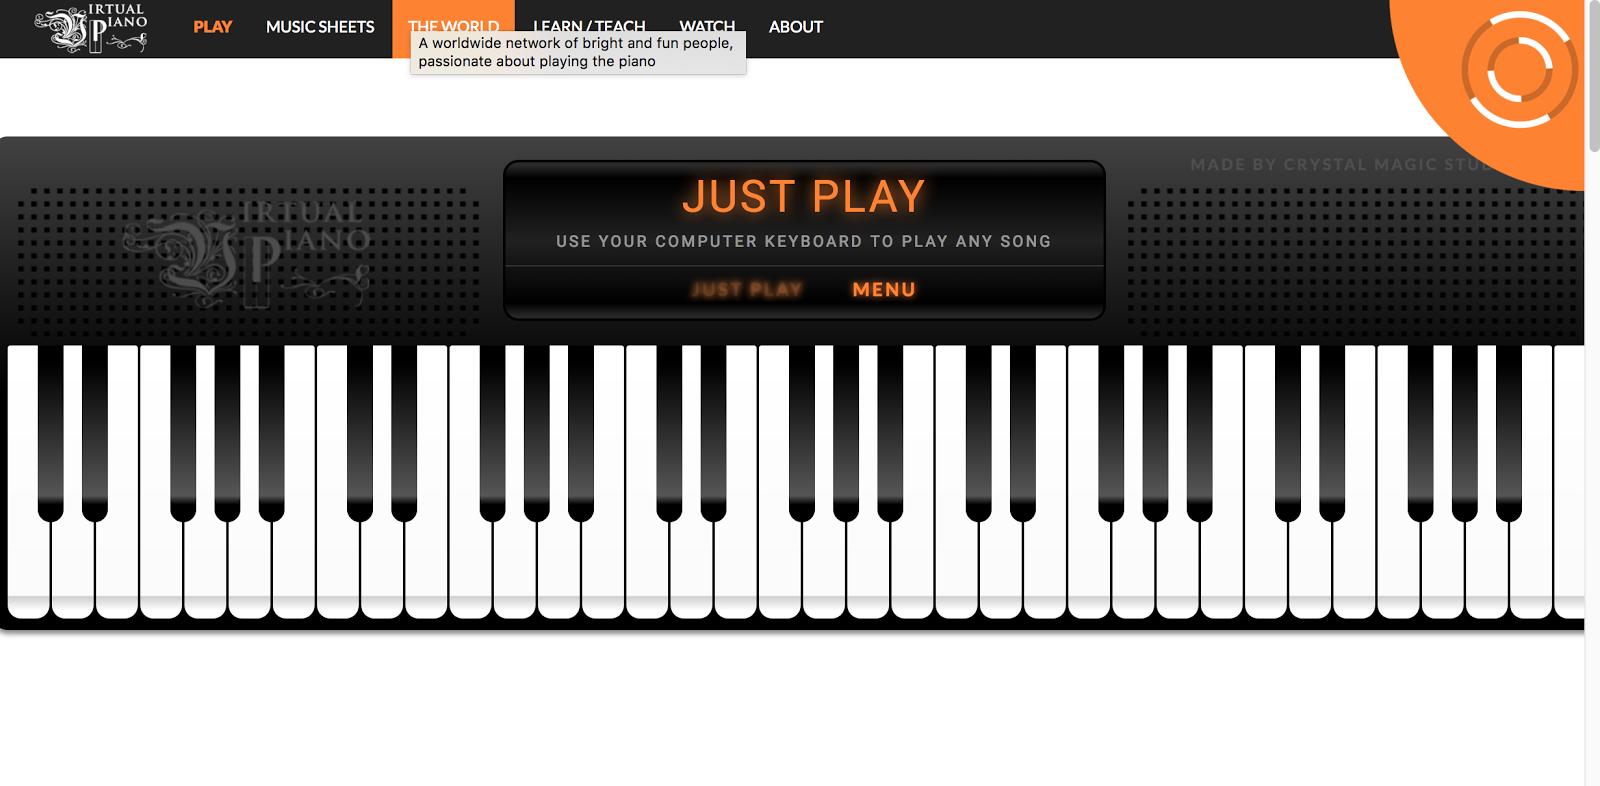 PIANO VIRTUALE